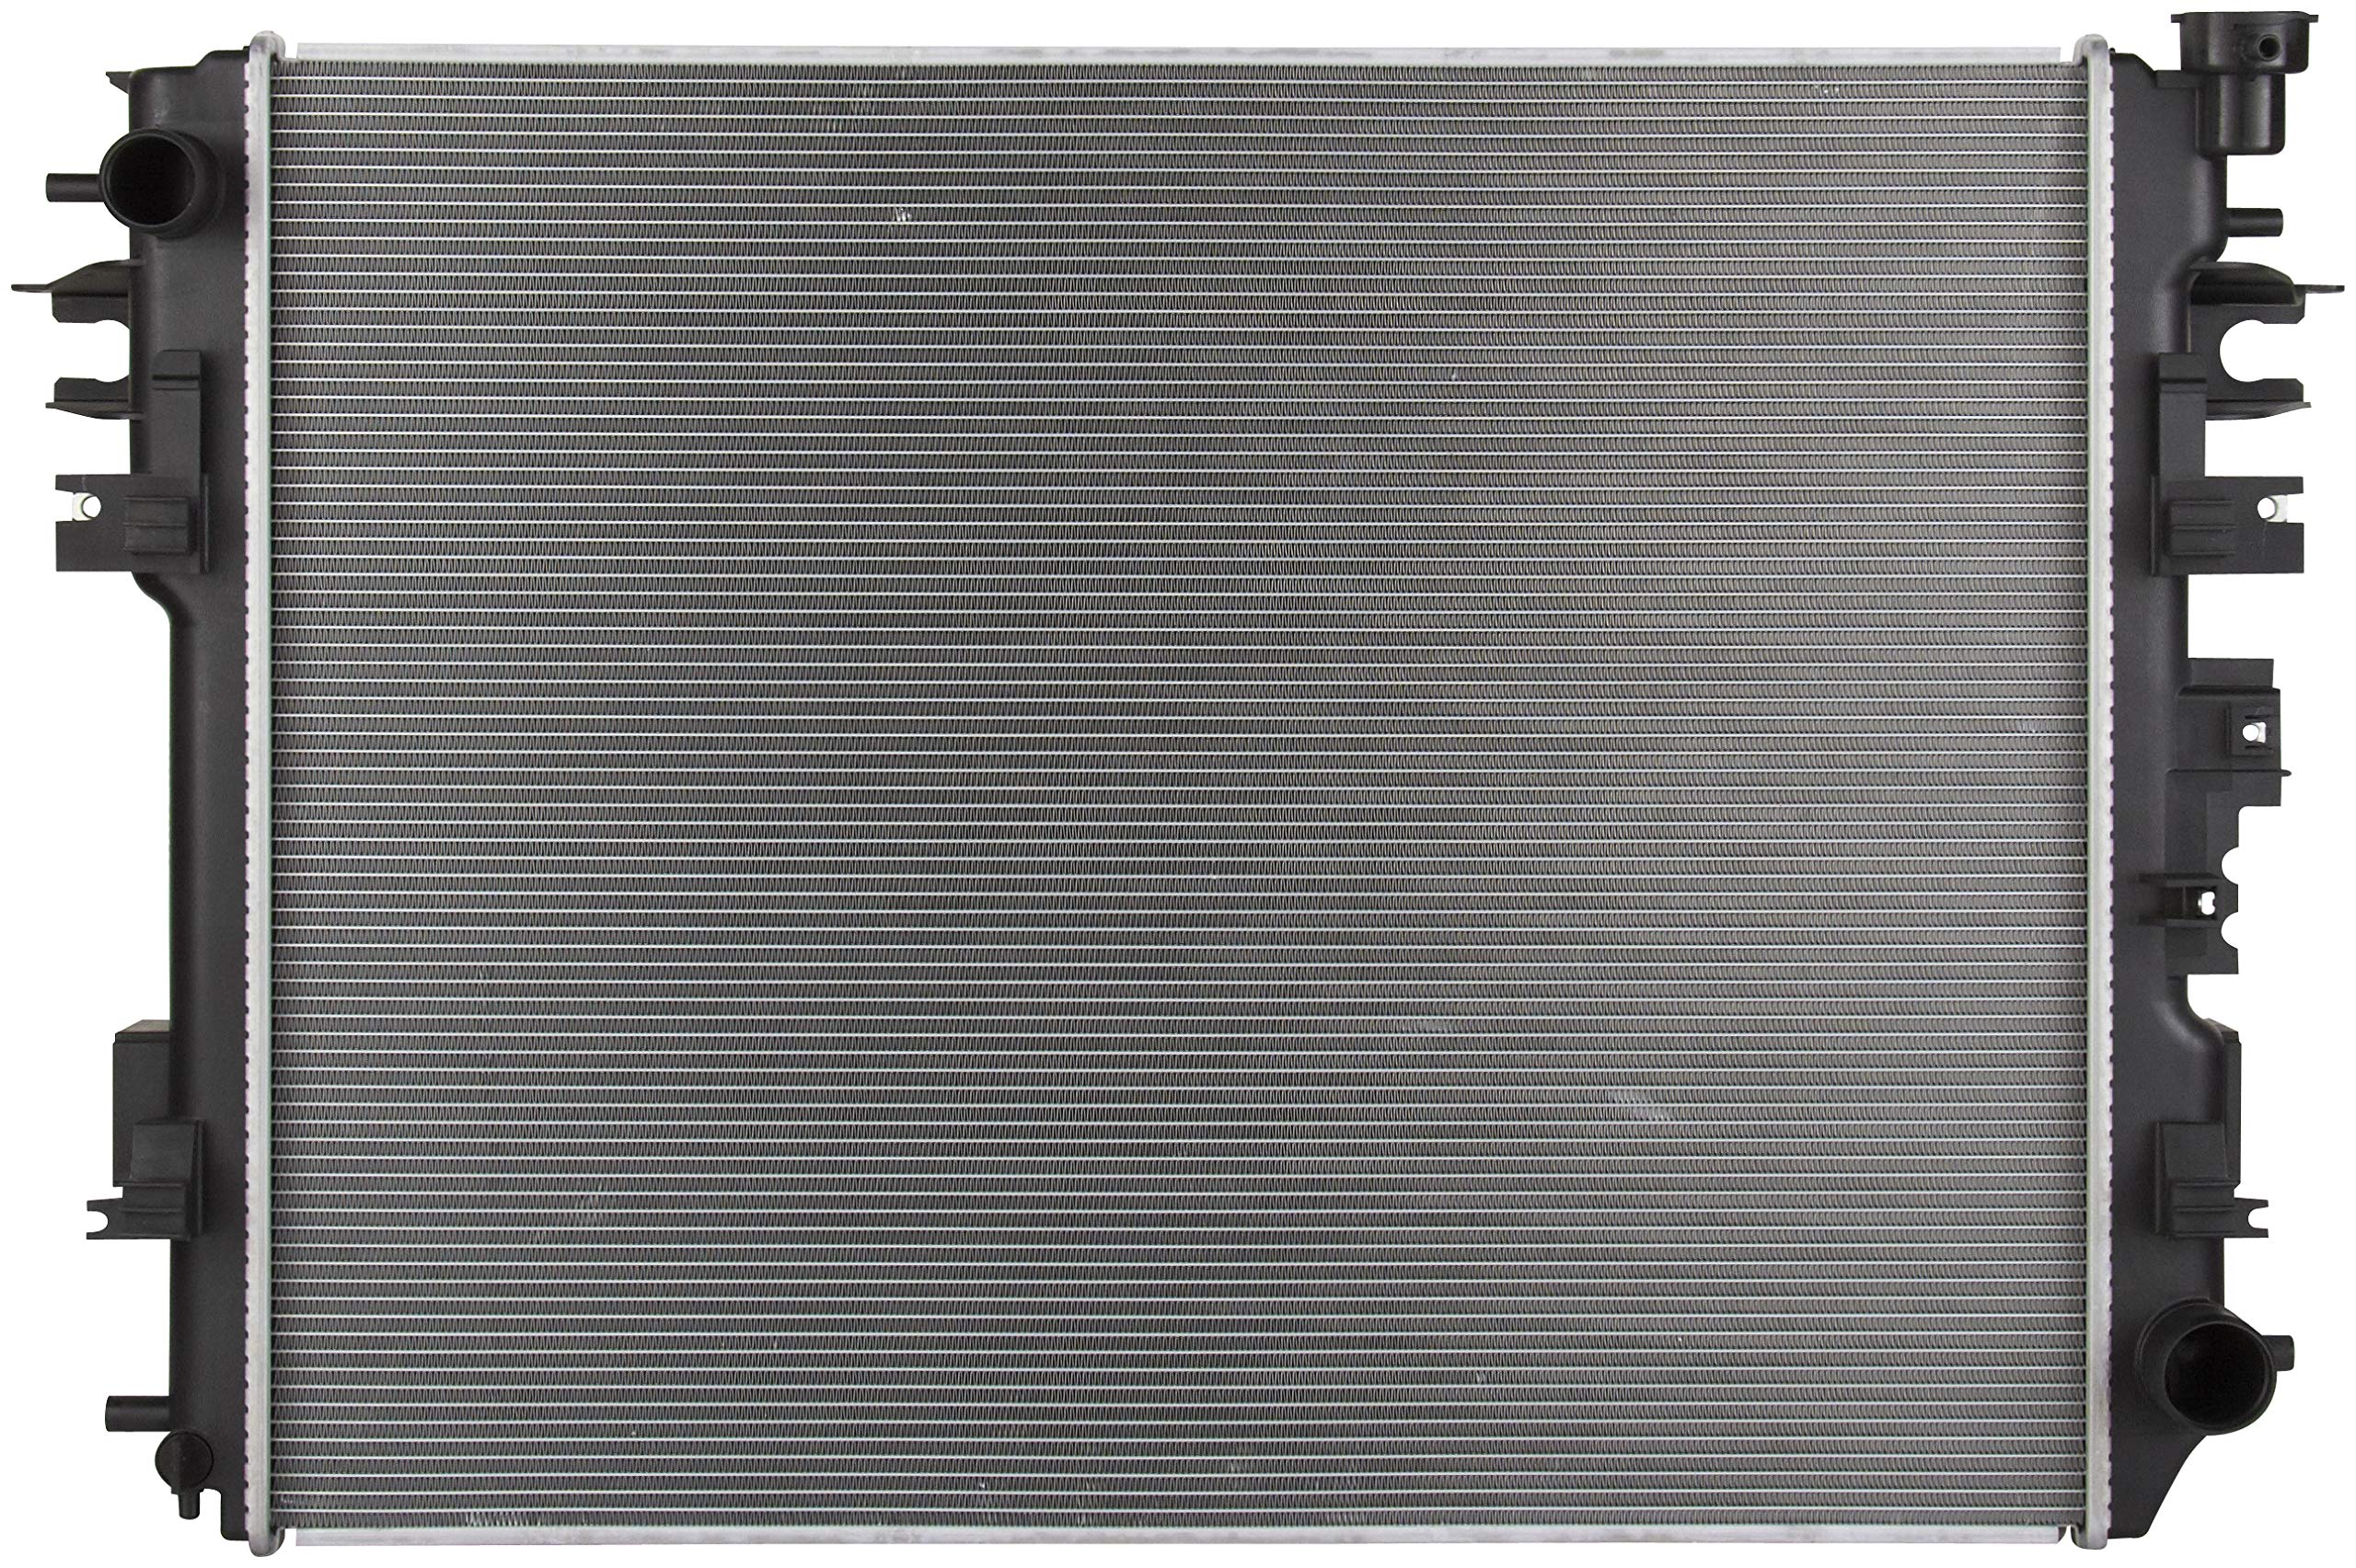 Spectra Premium CU13129 Complete Radiator by Spectra Premium